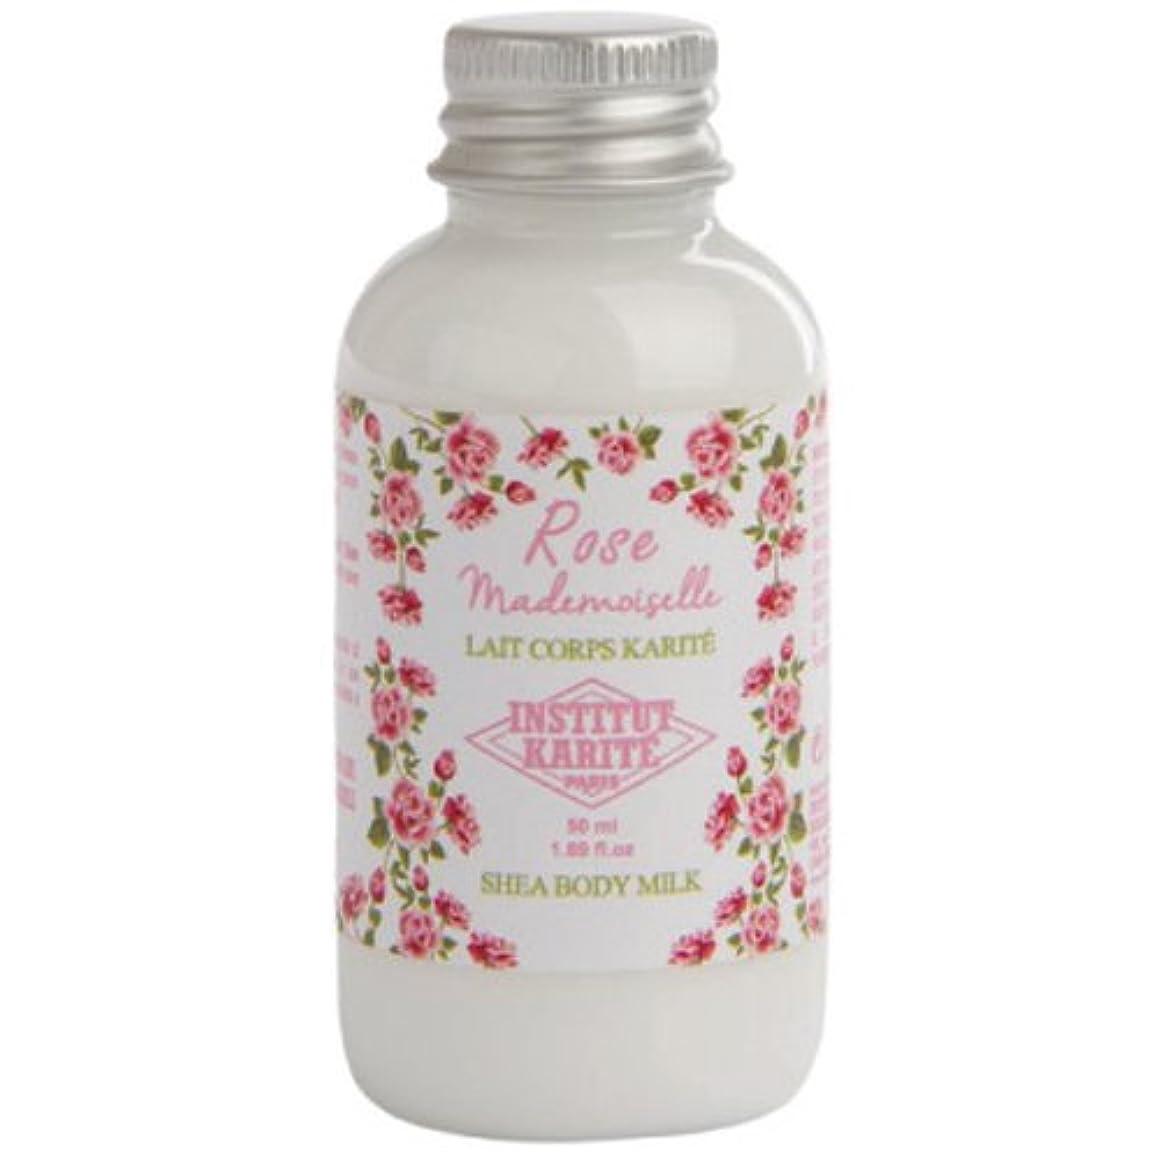 回路香水高潔なINSTITUT KARITE カリテ Rose Mademoiselle クラシックローズ Travel Shea Body Milk 50ml